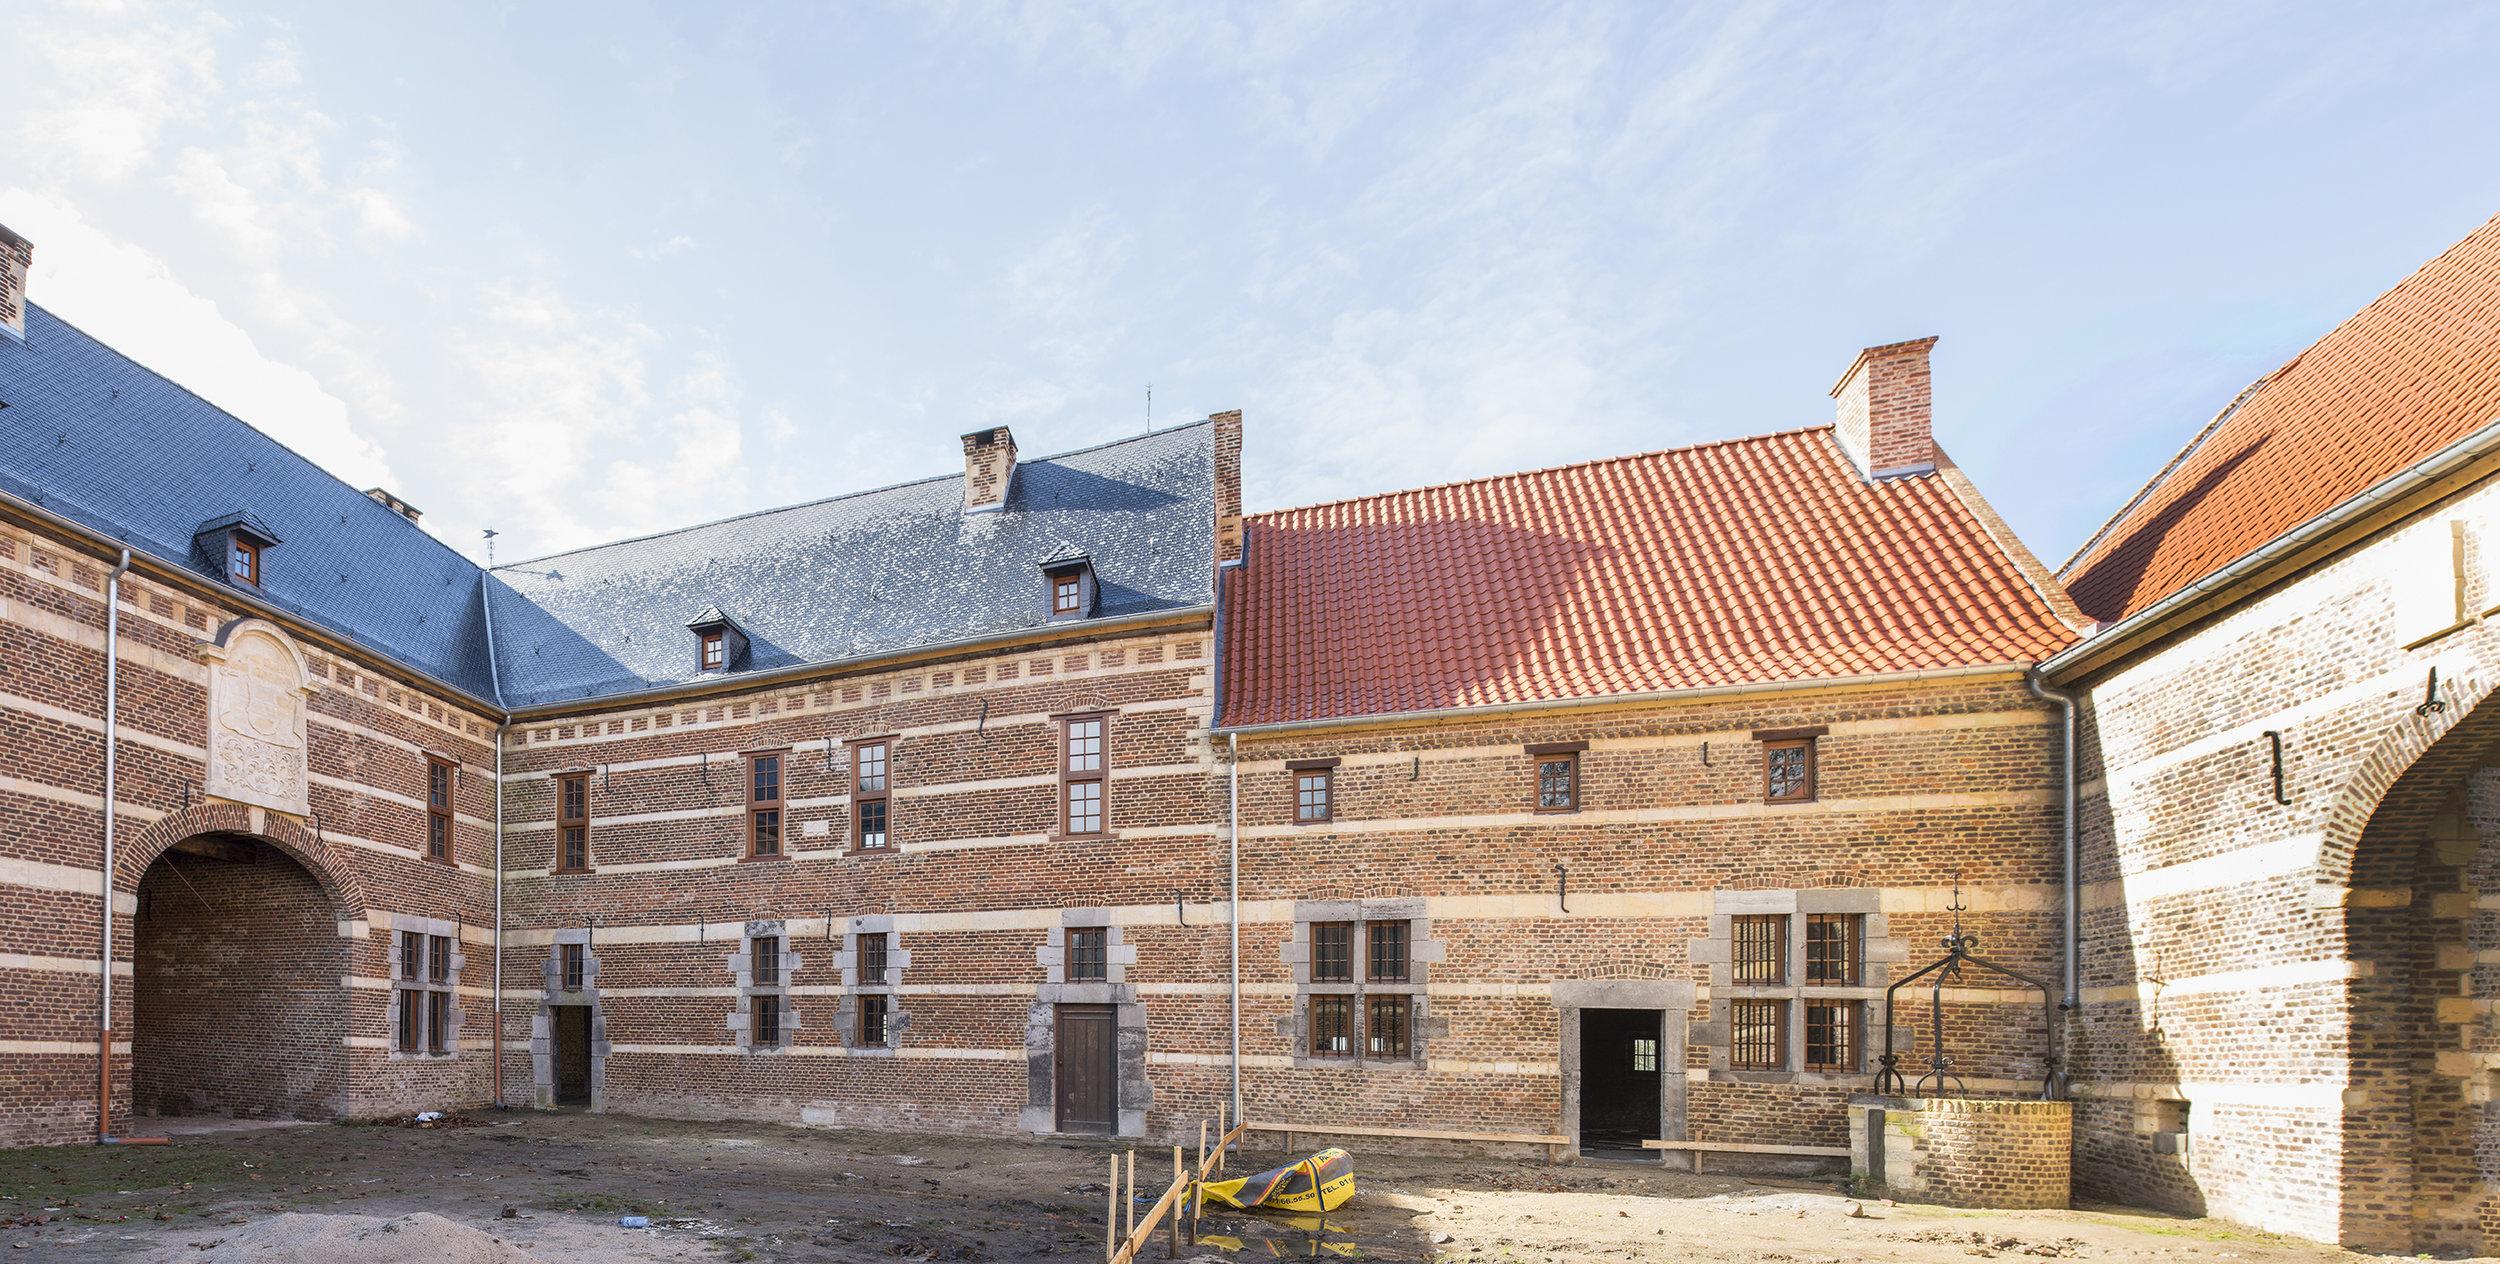 Rentmeesterij, Alden Biesen - Exterior.  001.jpg